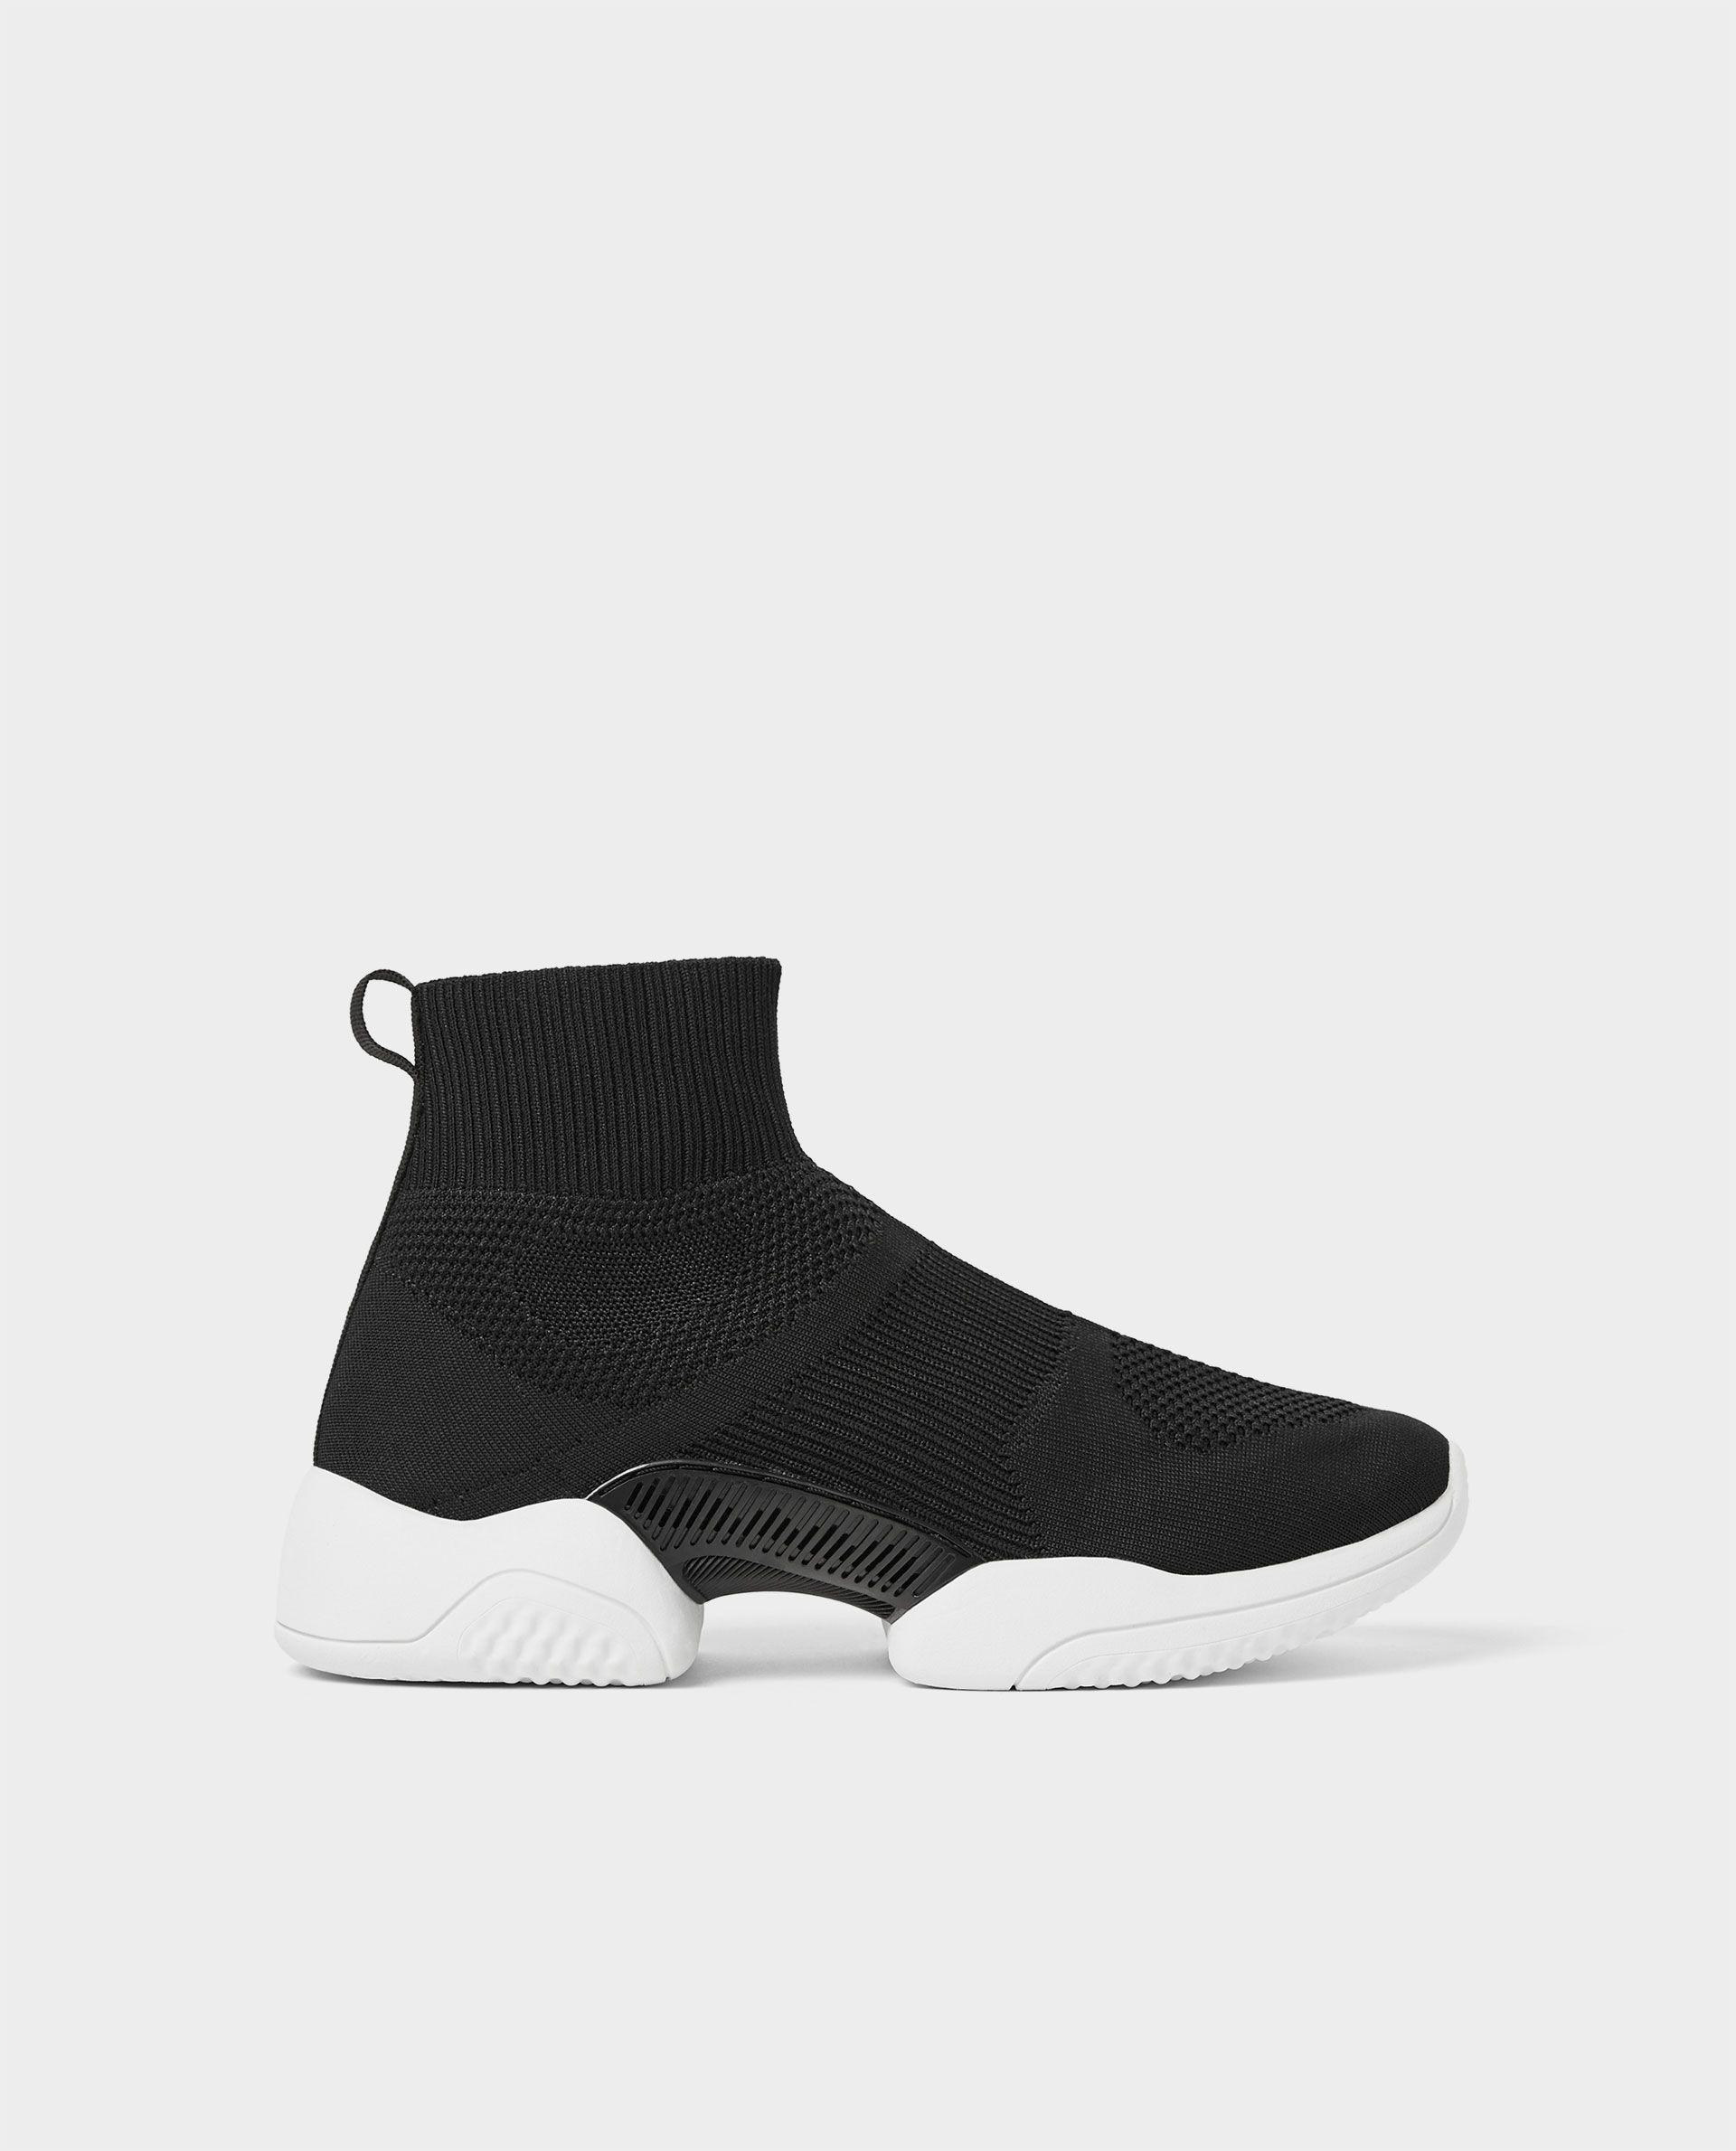 Adidas zapatillas estilo calcetín BLK Hombre Zapatillas